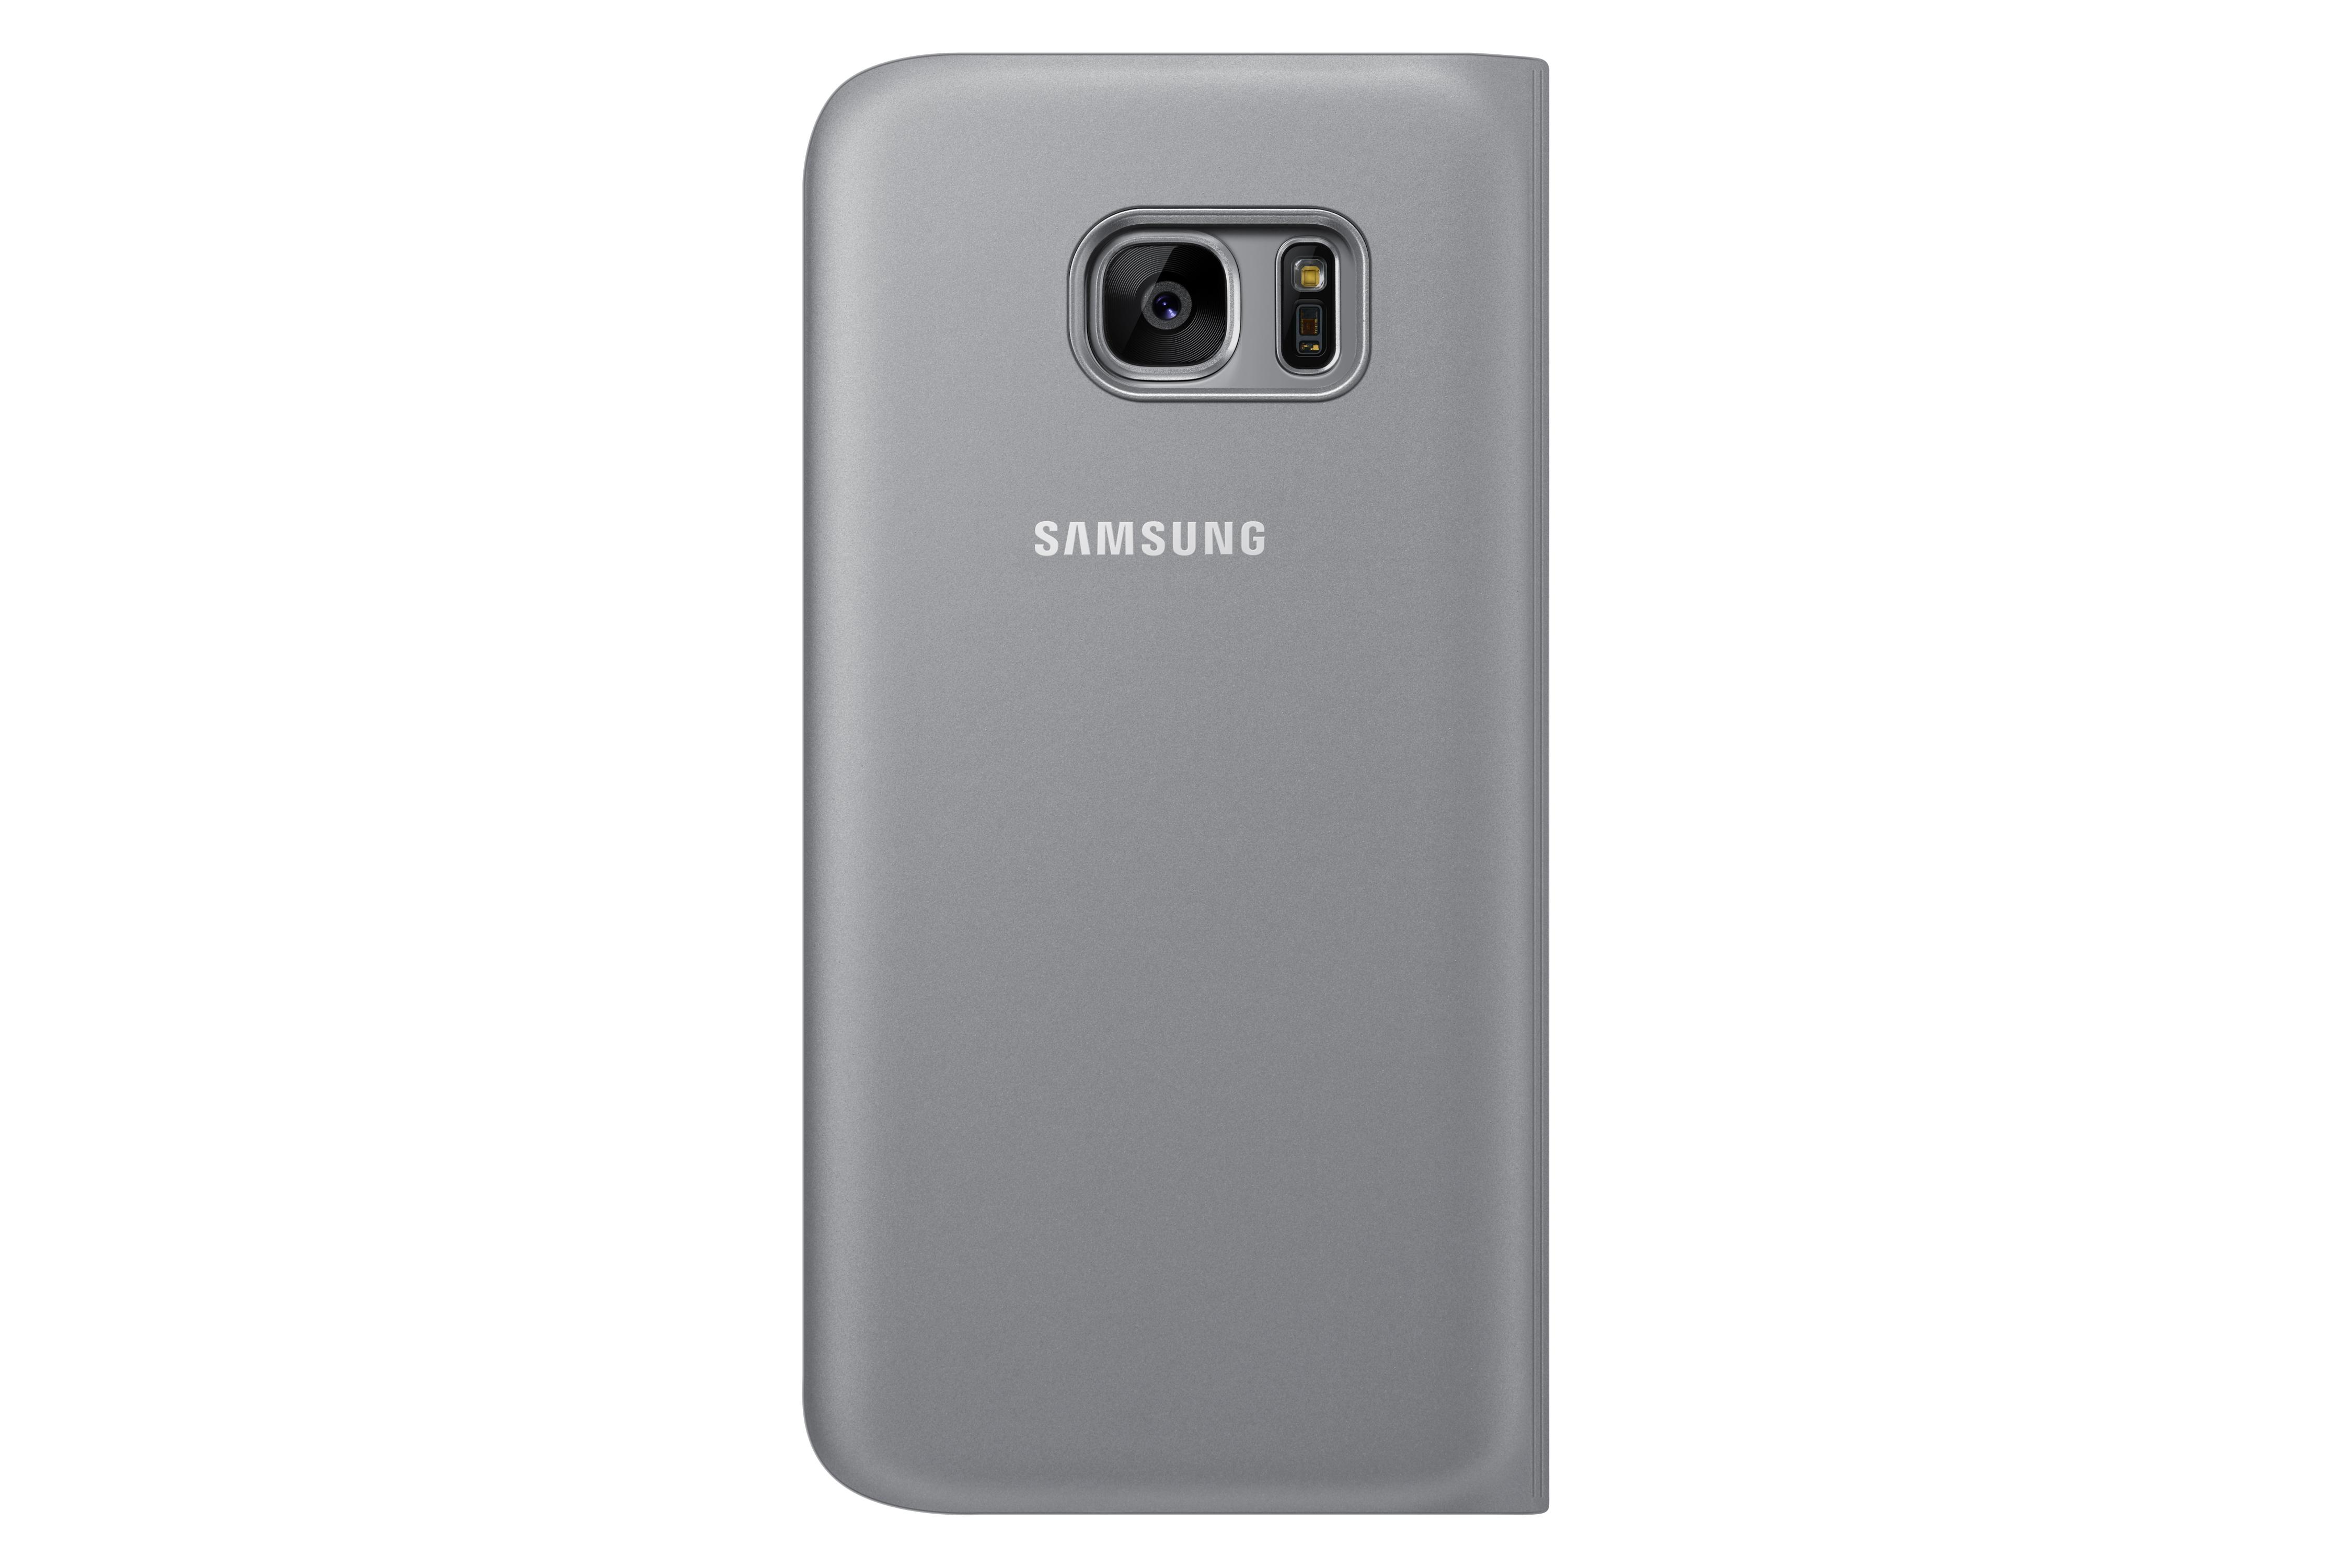 Etui à fenêtre S VIEW Samsung Galaxy S7 Argent